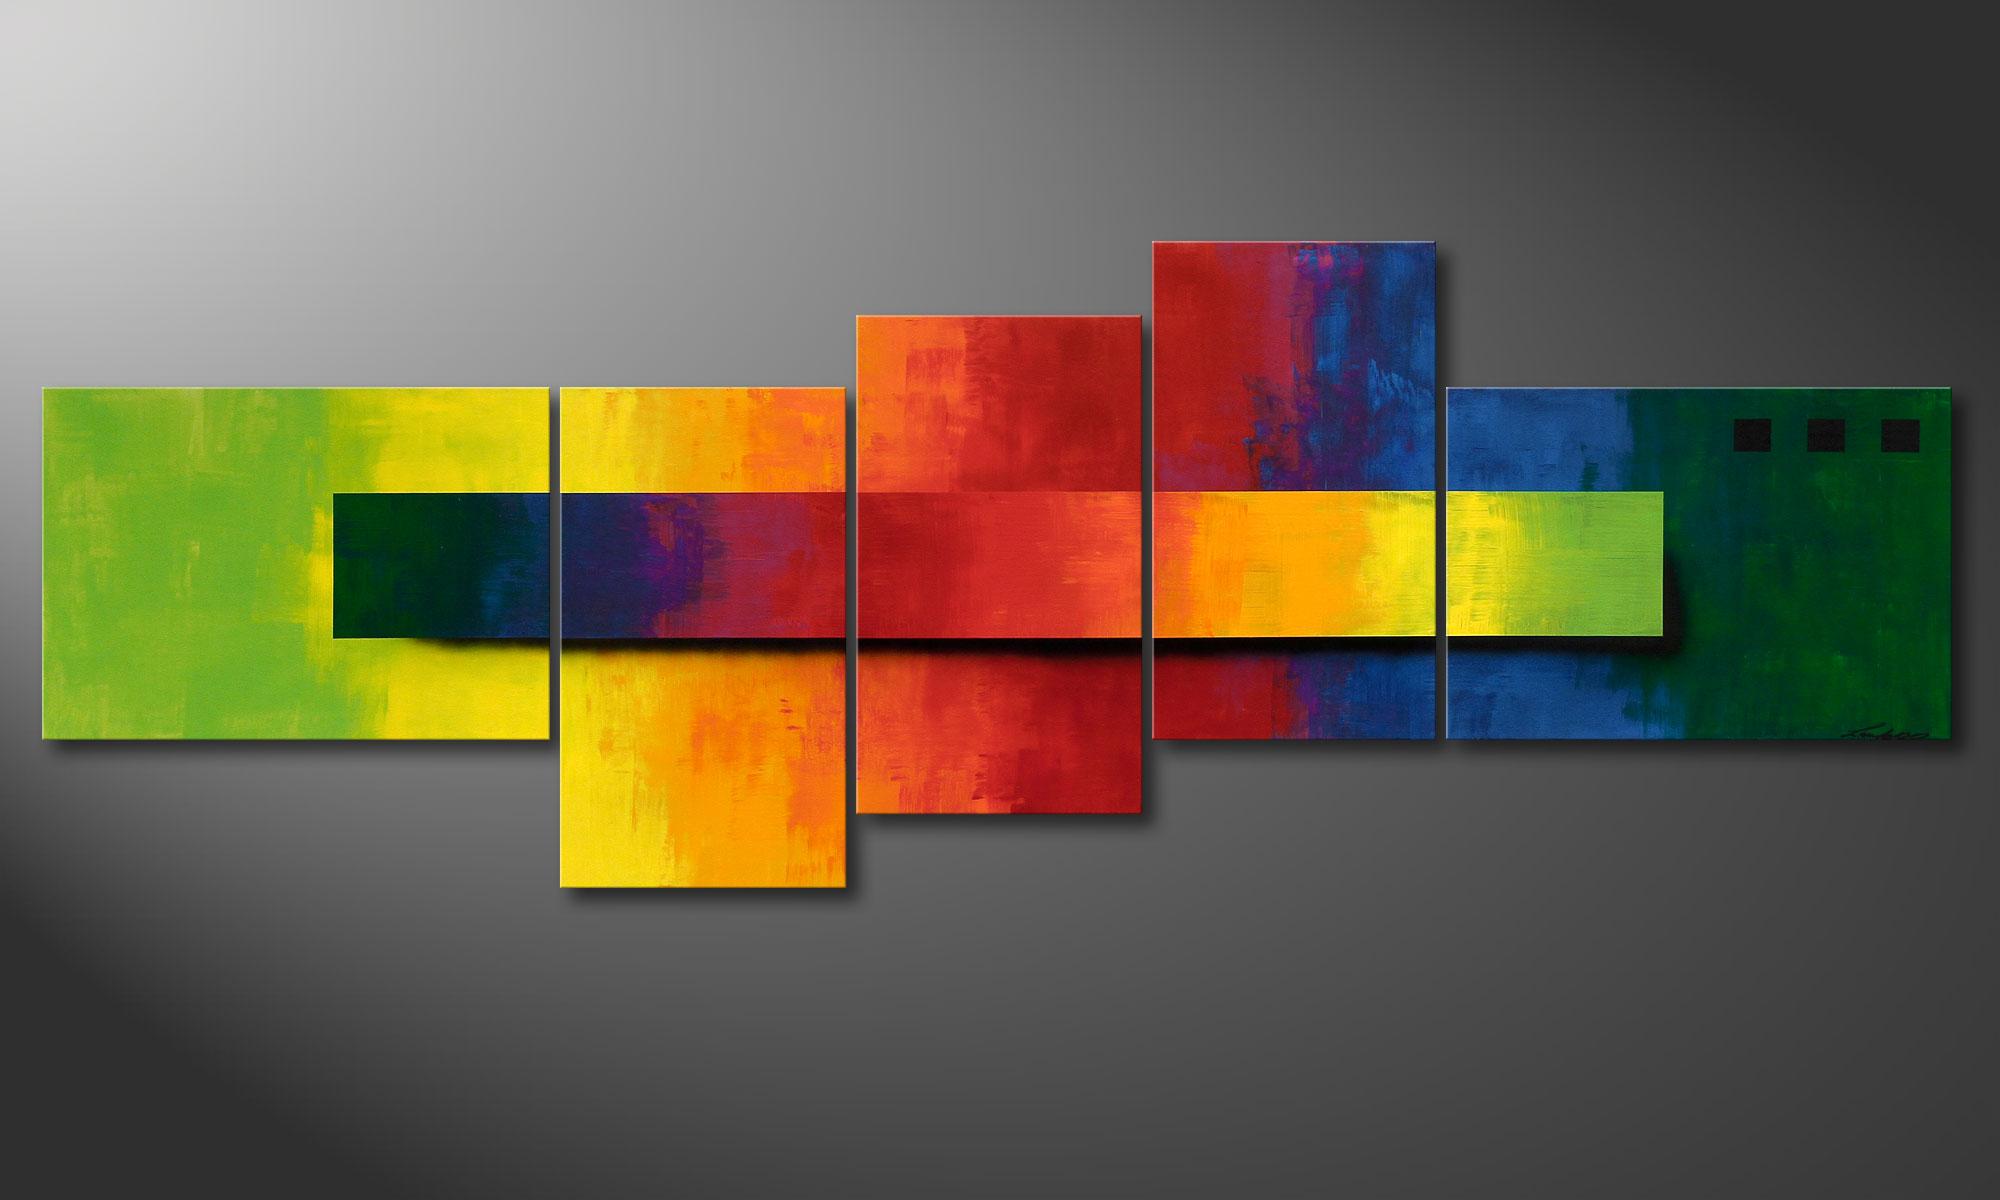 Tableaux peints a la main muraux asymetriques Formats XXL La toile Facets of Rainbow xcm